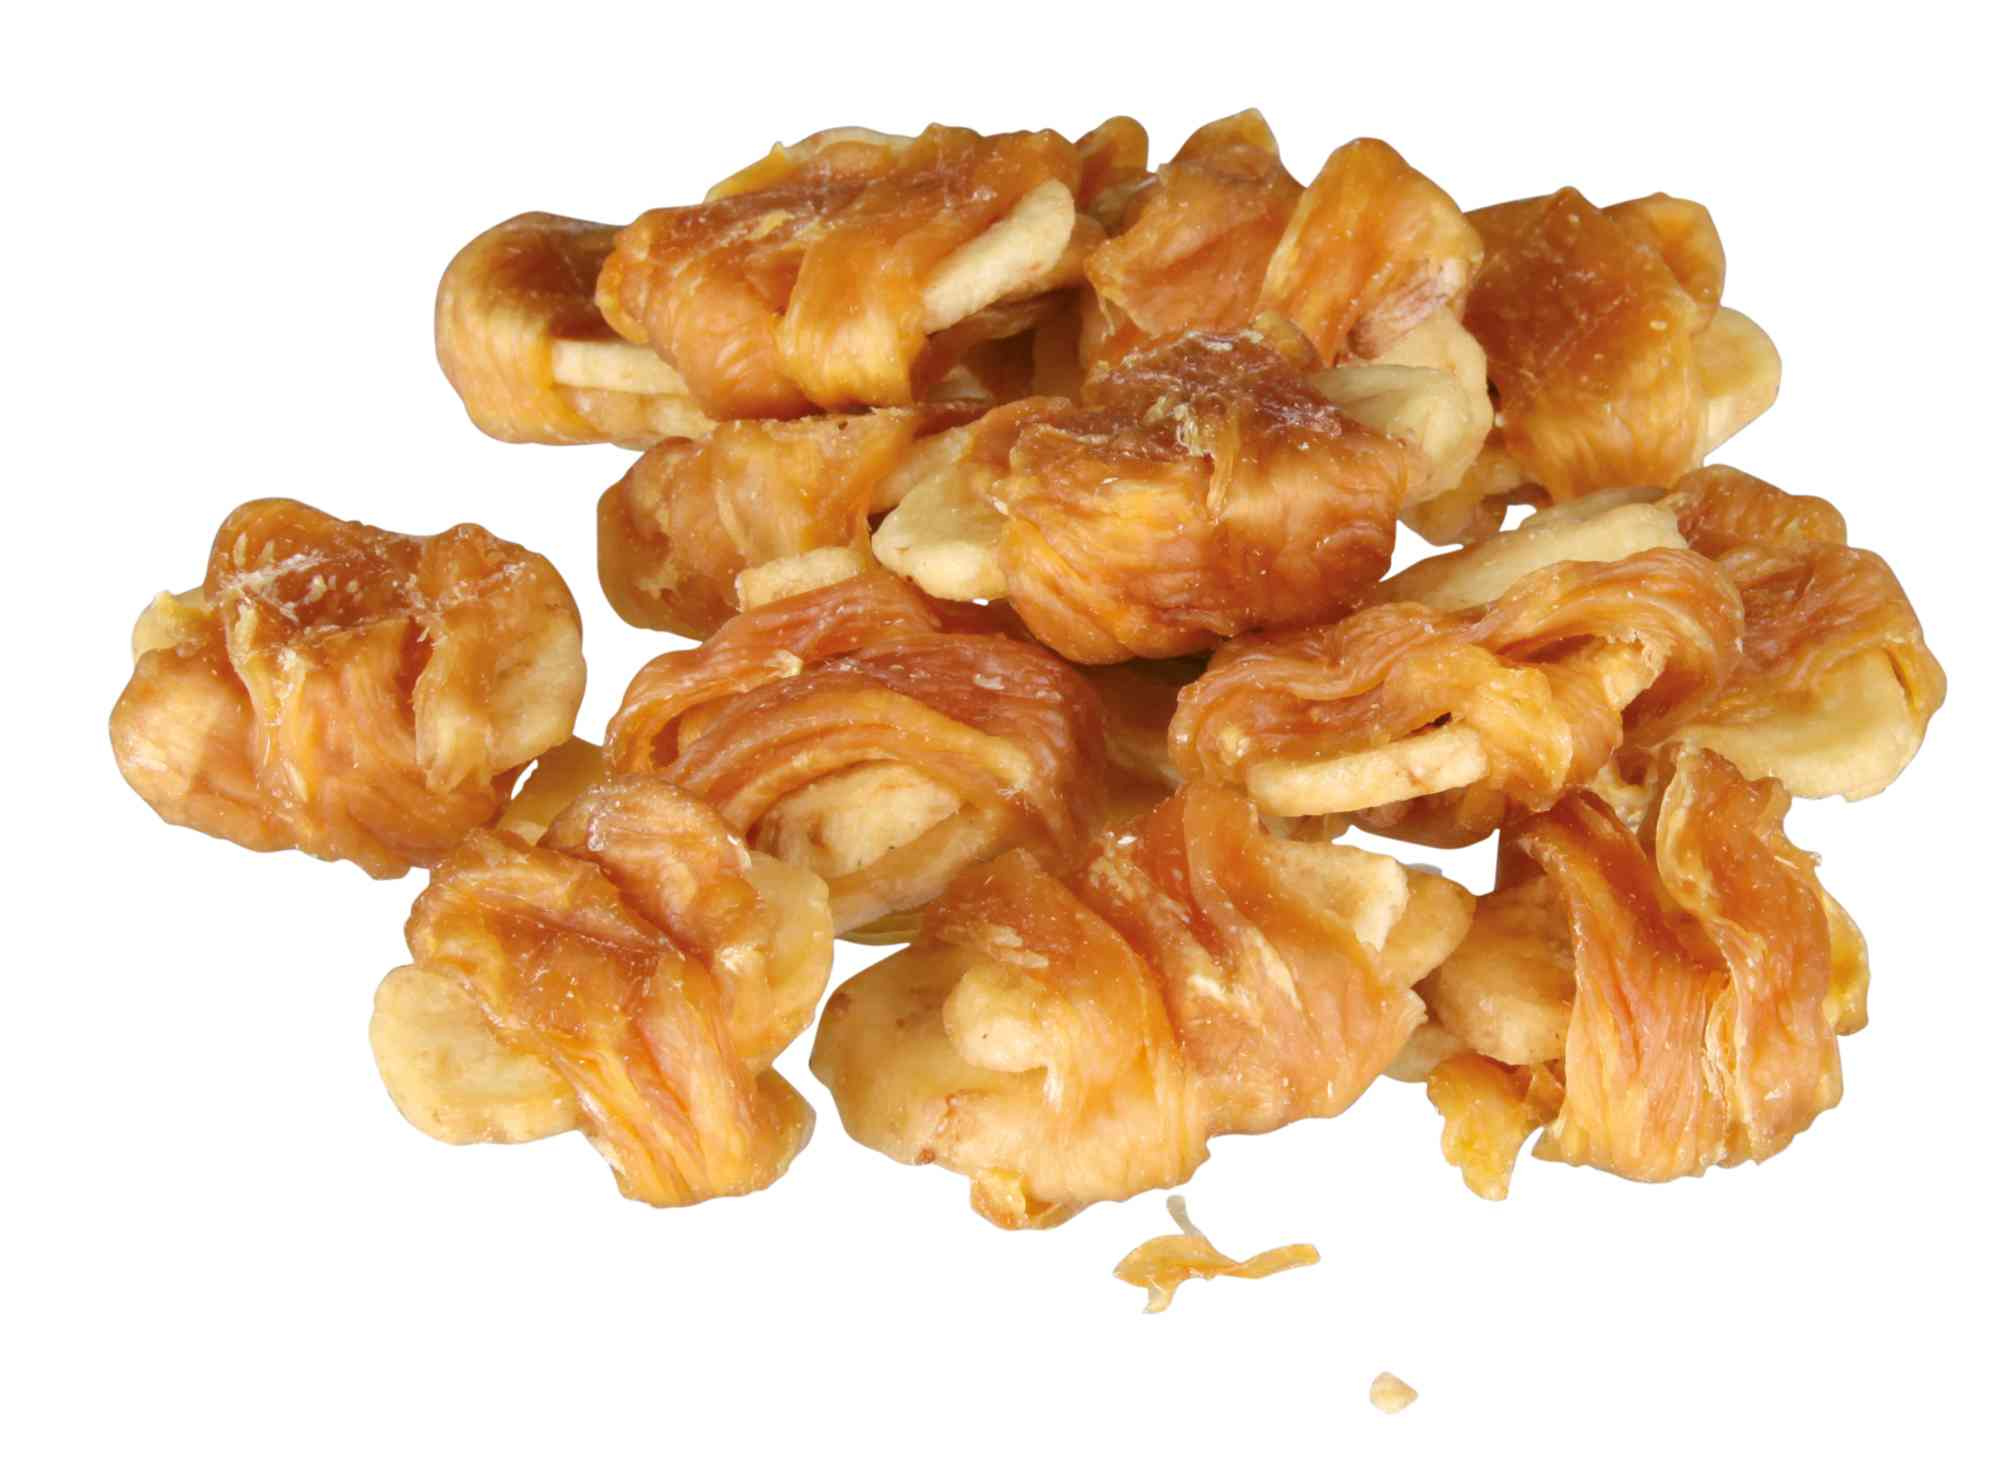 REMIO BananaChicken met kip en banaanvleesgehalte 61 %in hersluitbare zak